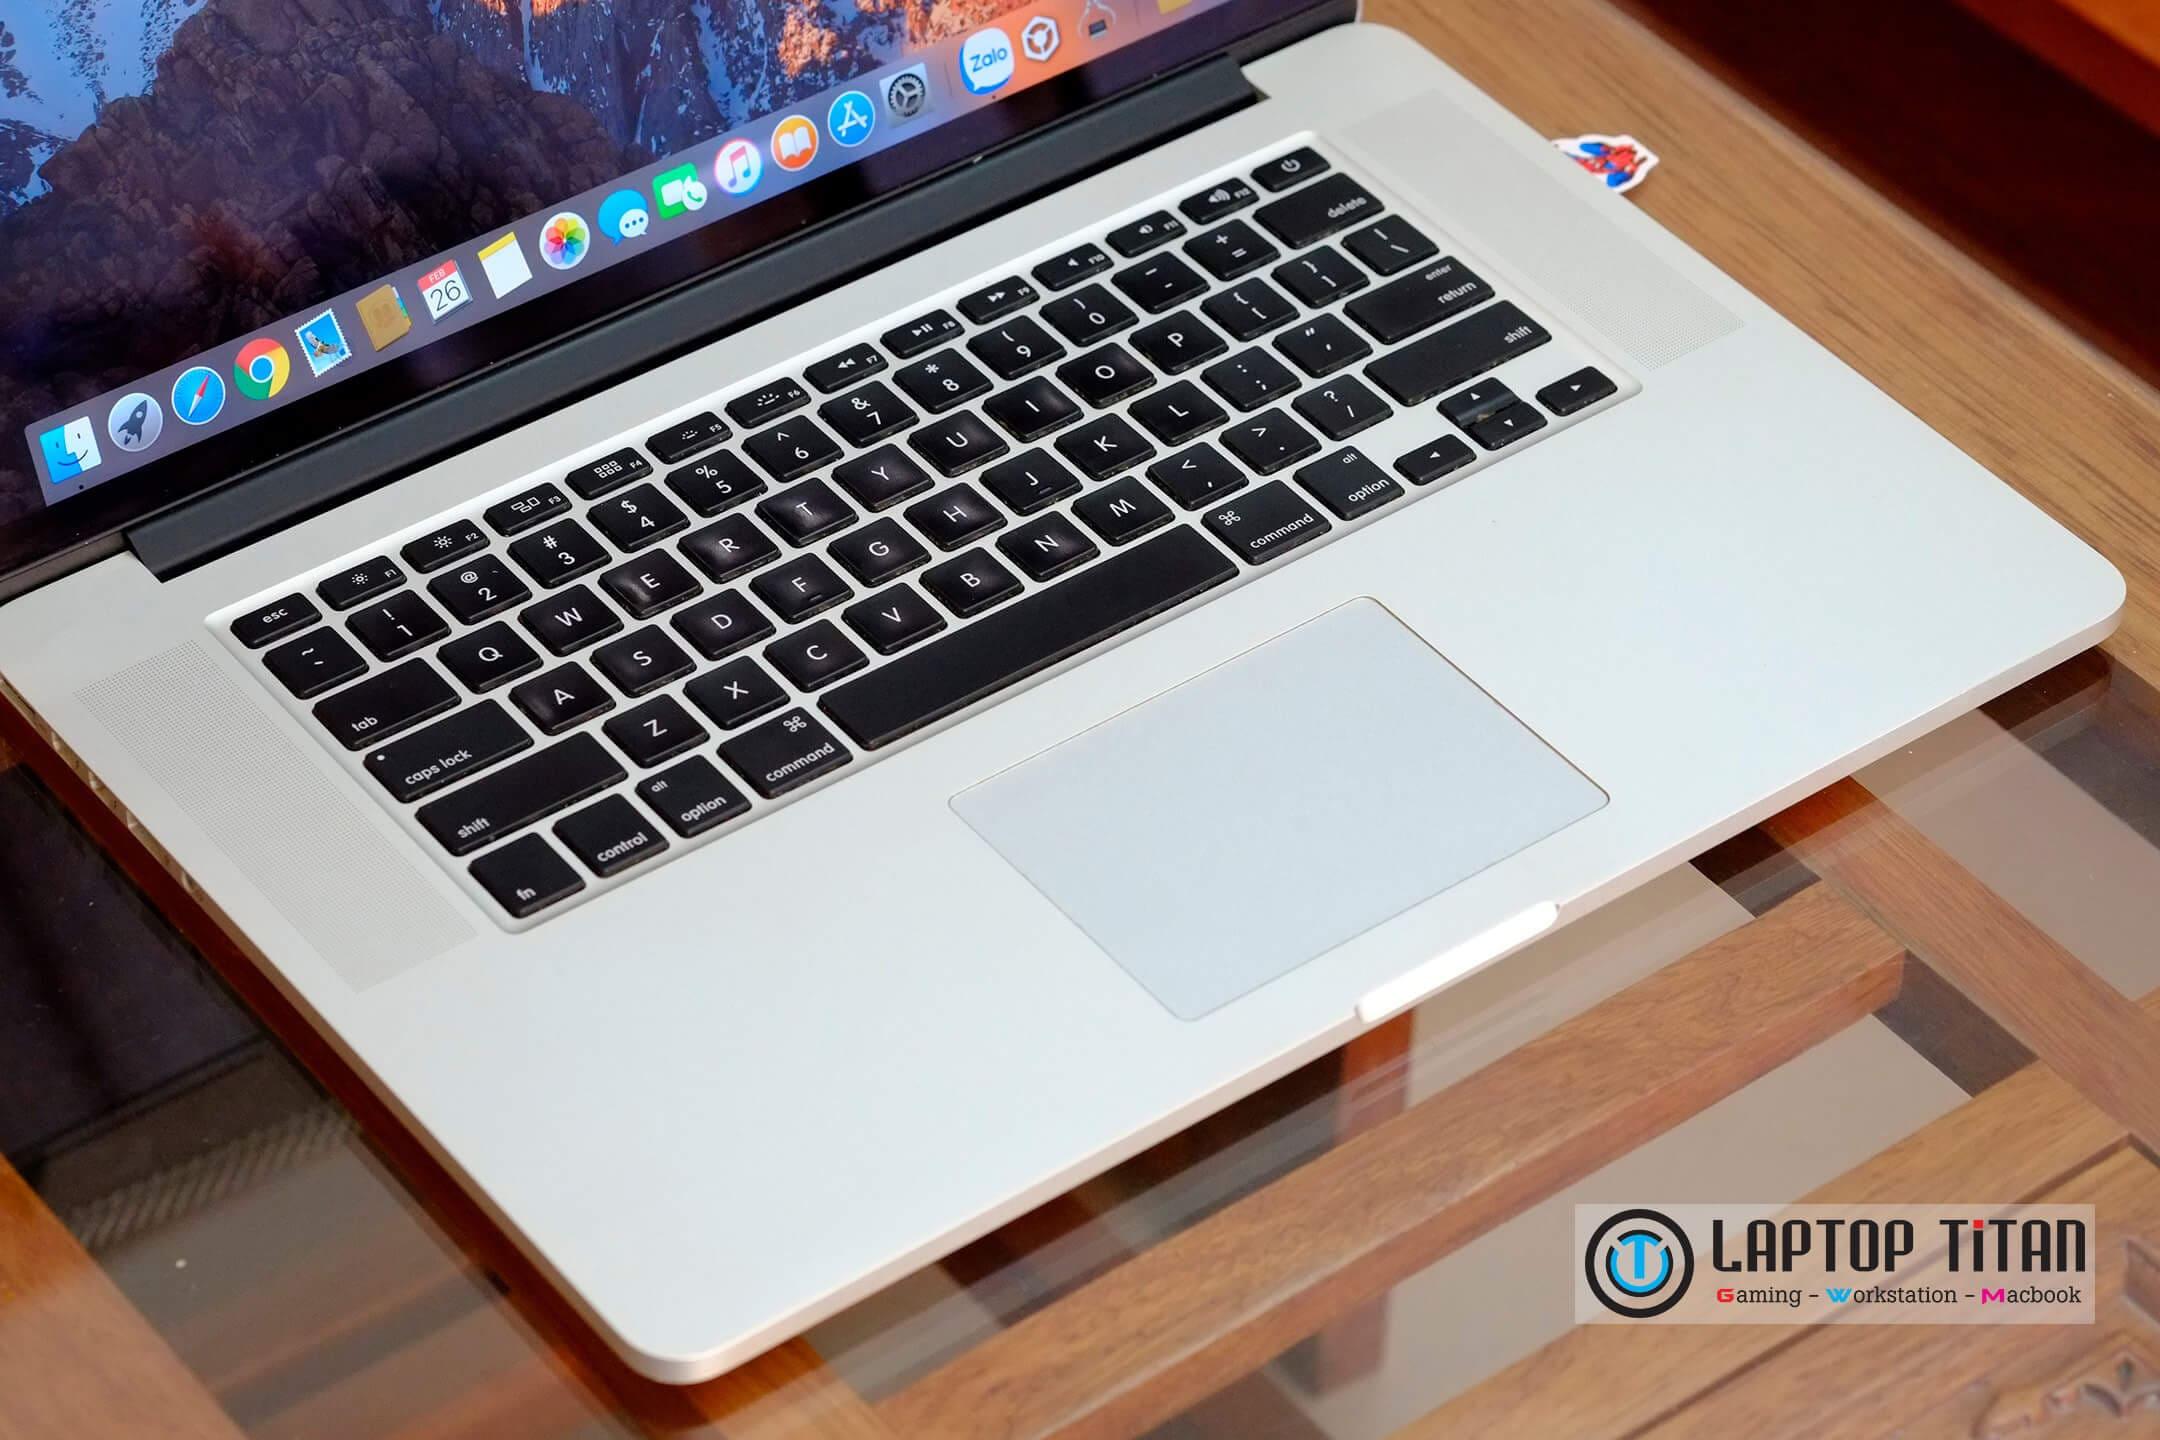 Macbook Pro 15 Inch 2013 2014 2015 3 1